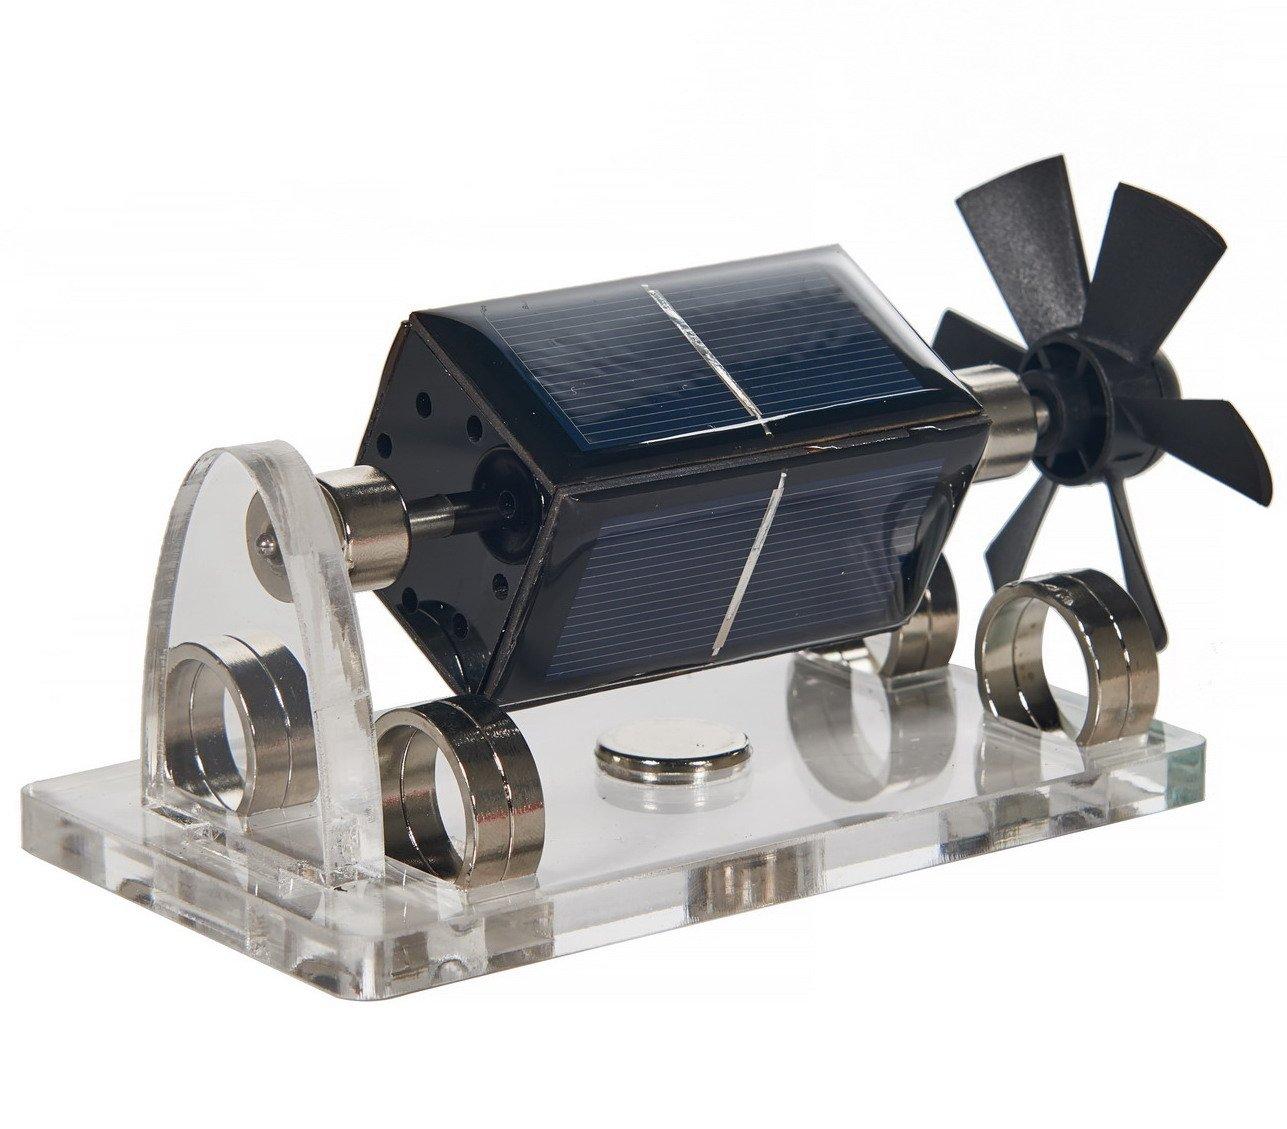 Mendosin brushless magnetic levitation solar motor 48